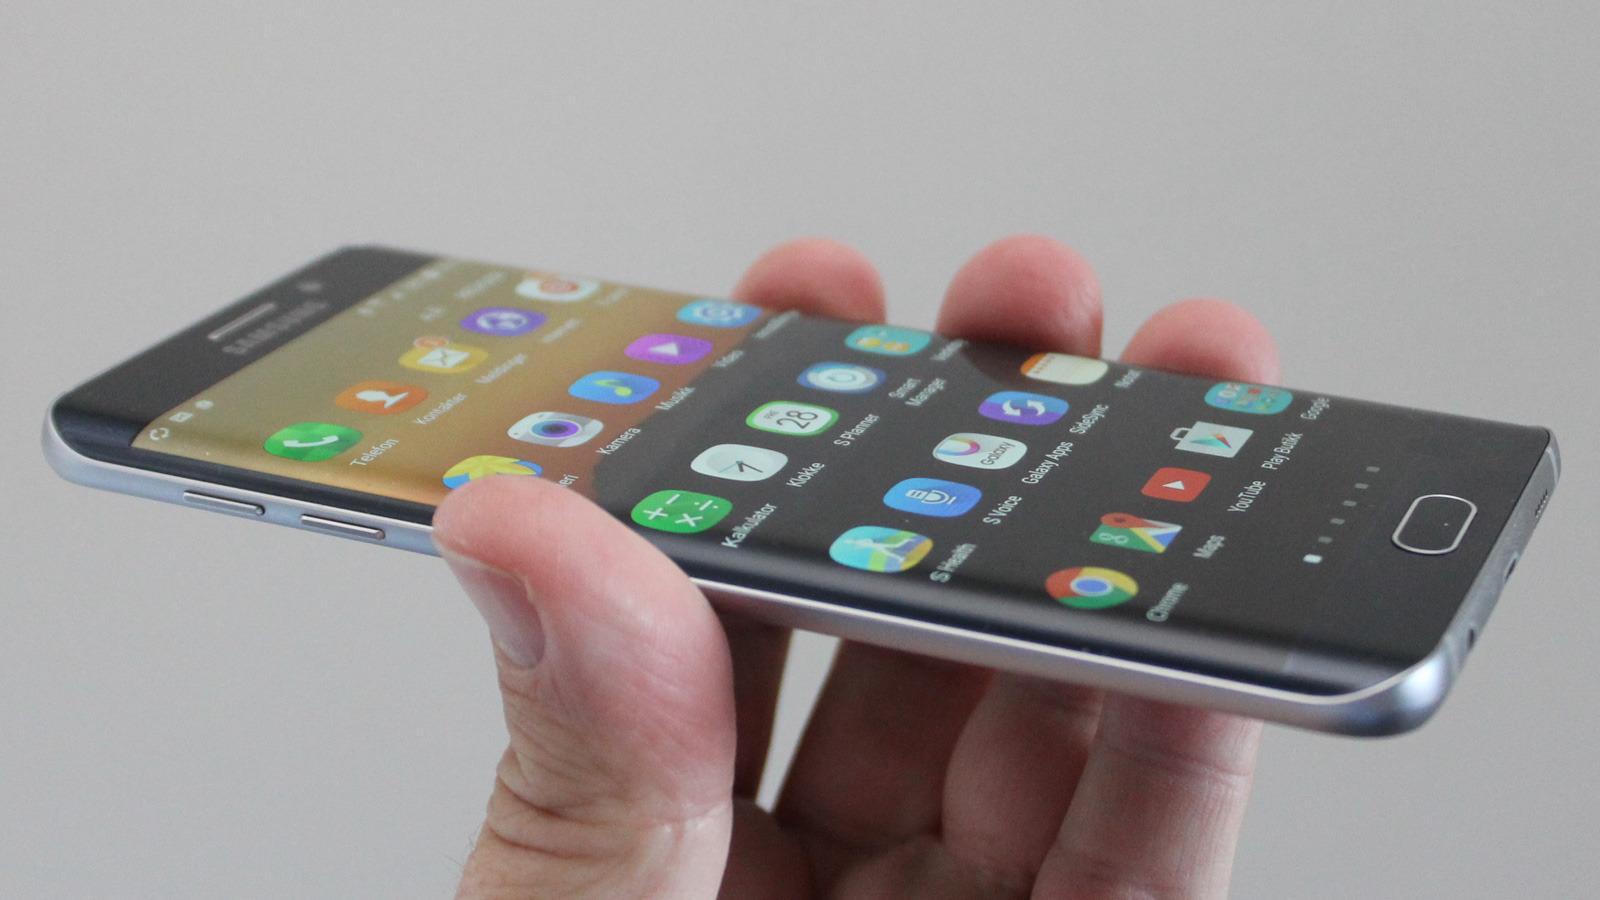 Den buede skjermen til Galaxy S6 Edge var på mange måter banebrytende da den kom. Vi tror buede skjermer vil bli mer vanlig også fra andre produsenter i 2016. .